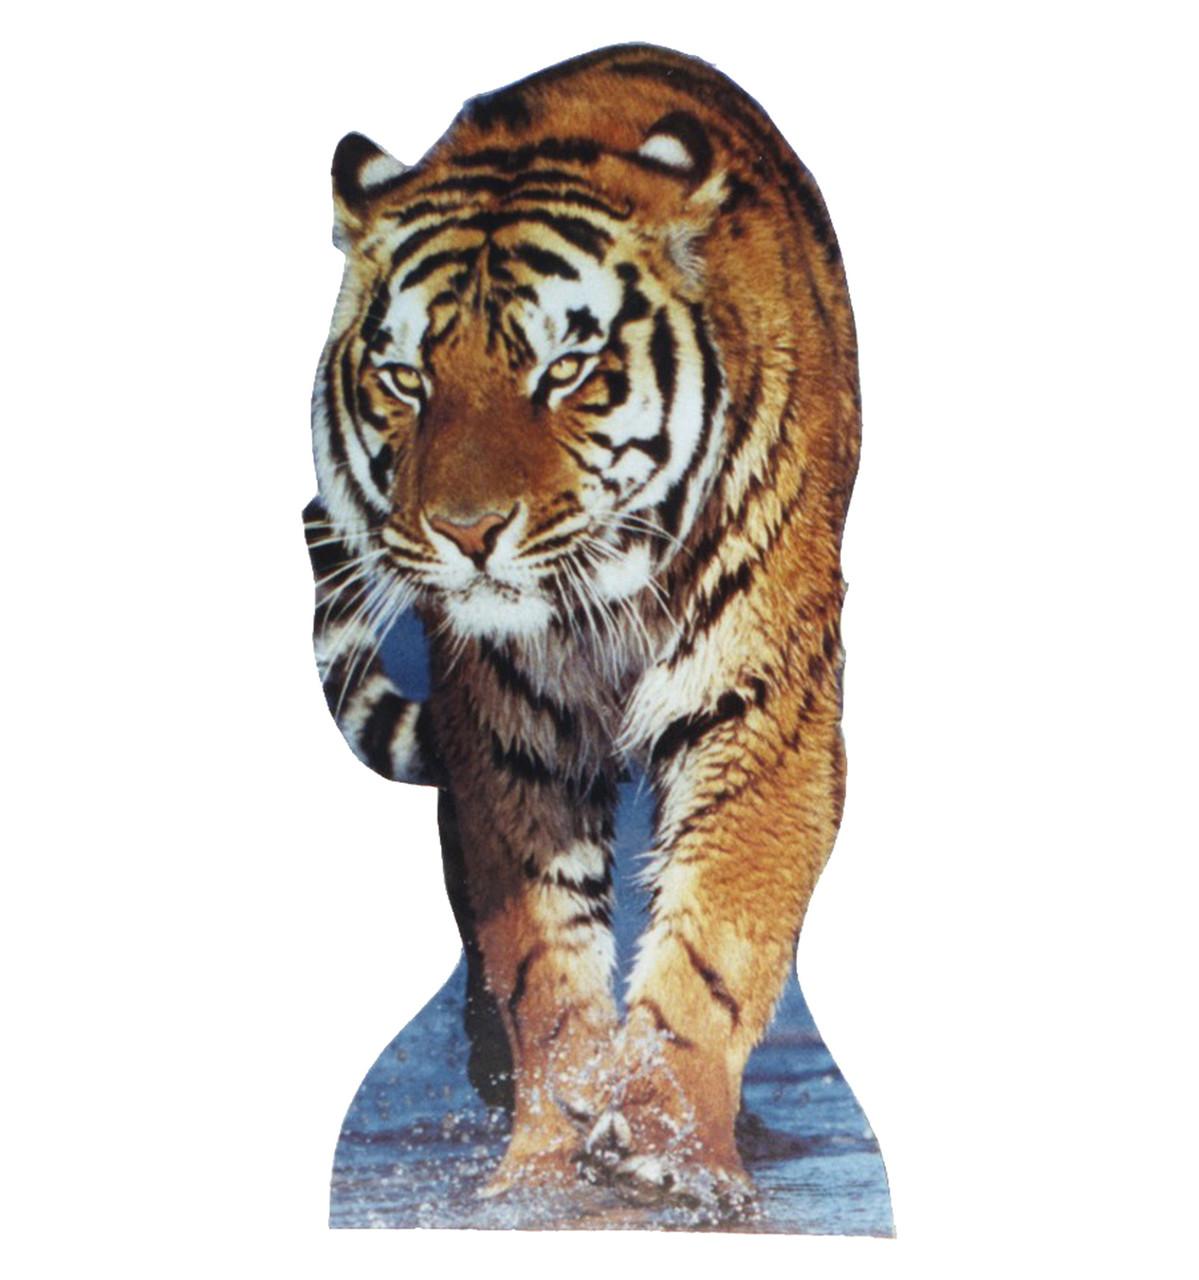 Tiger-Talking - Cardboard Cutout